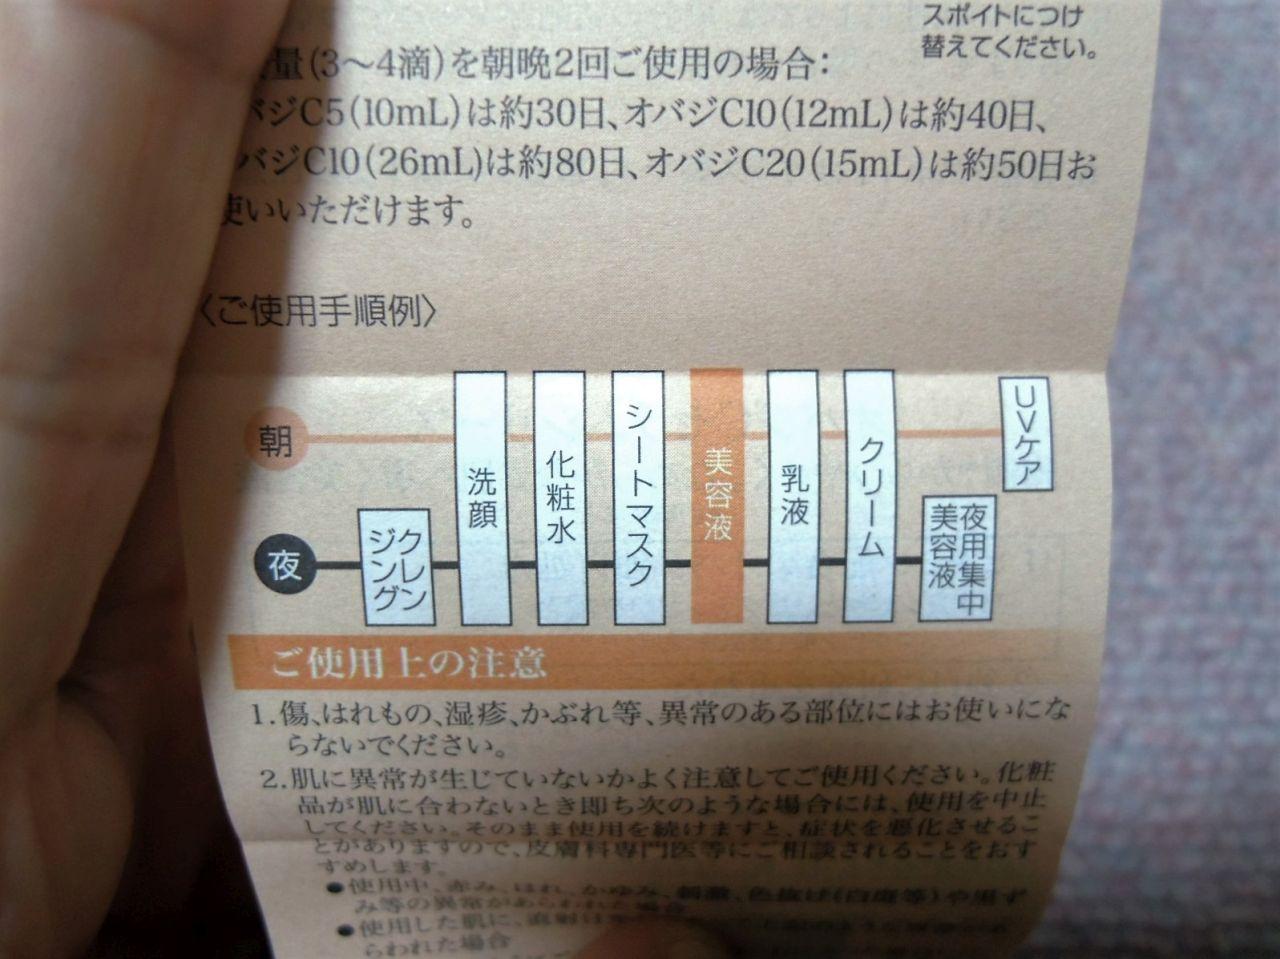 オバジCの取扱説明書